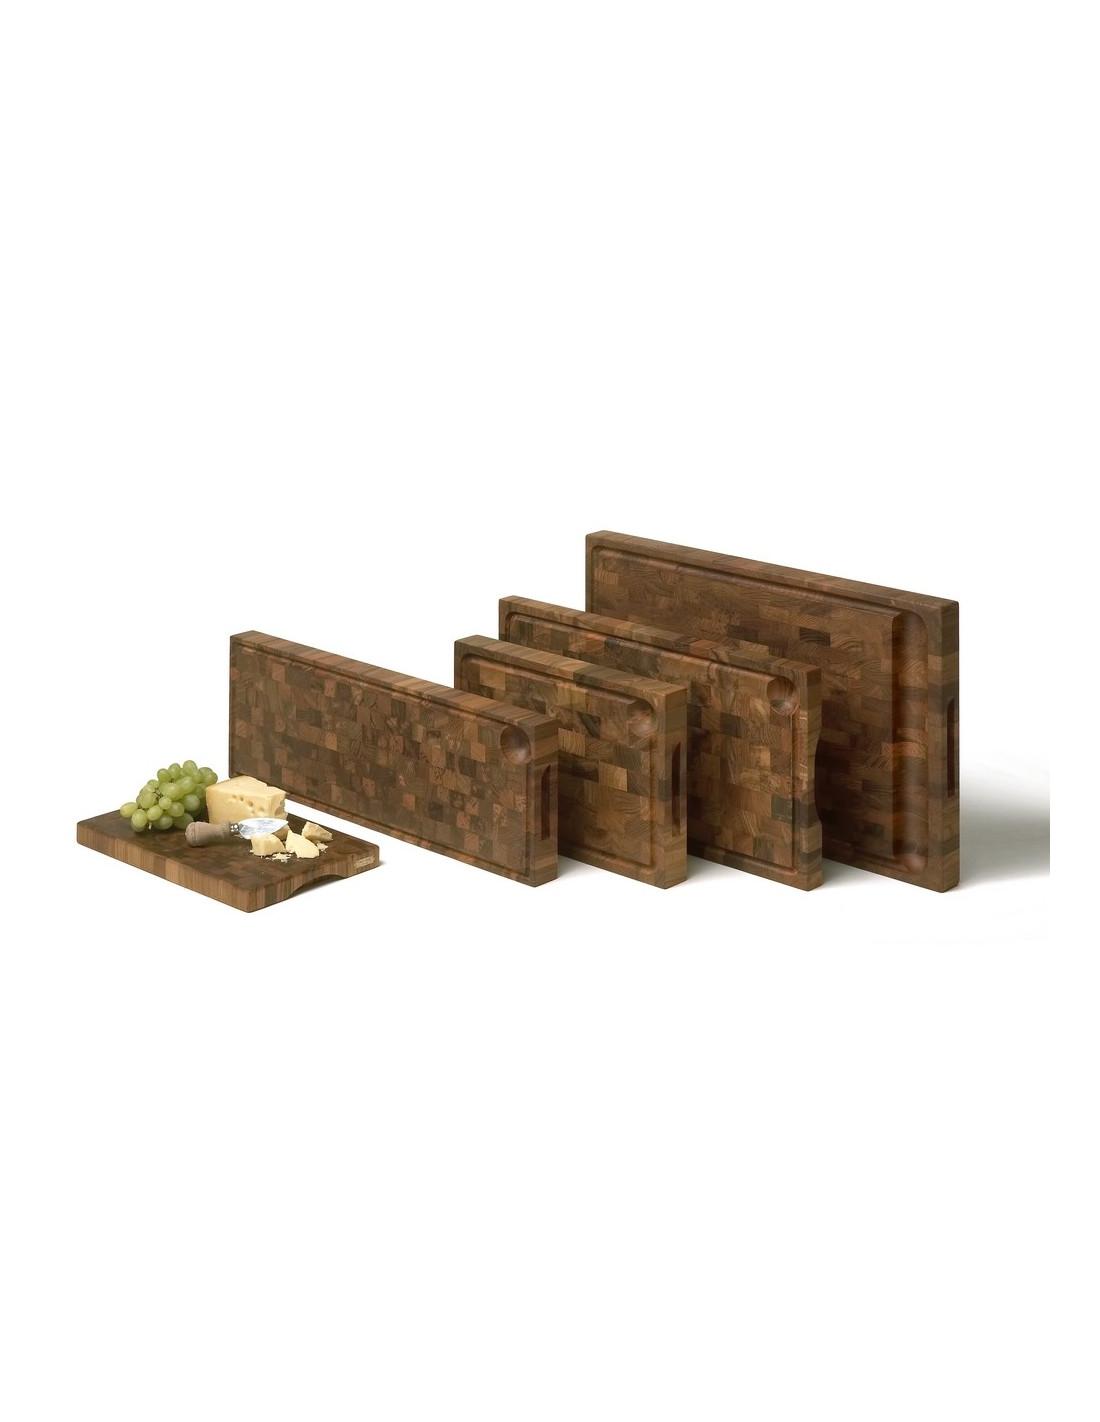 Planche en bois debout de Skagerak La boutique danoise